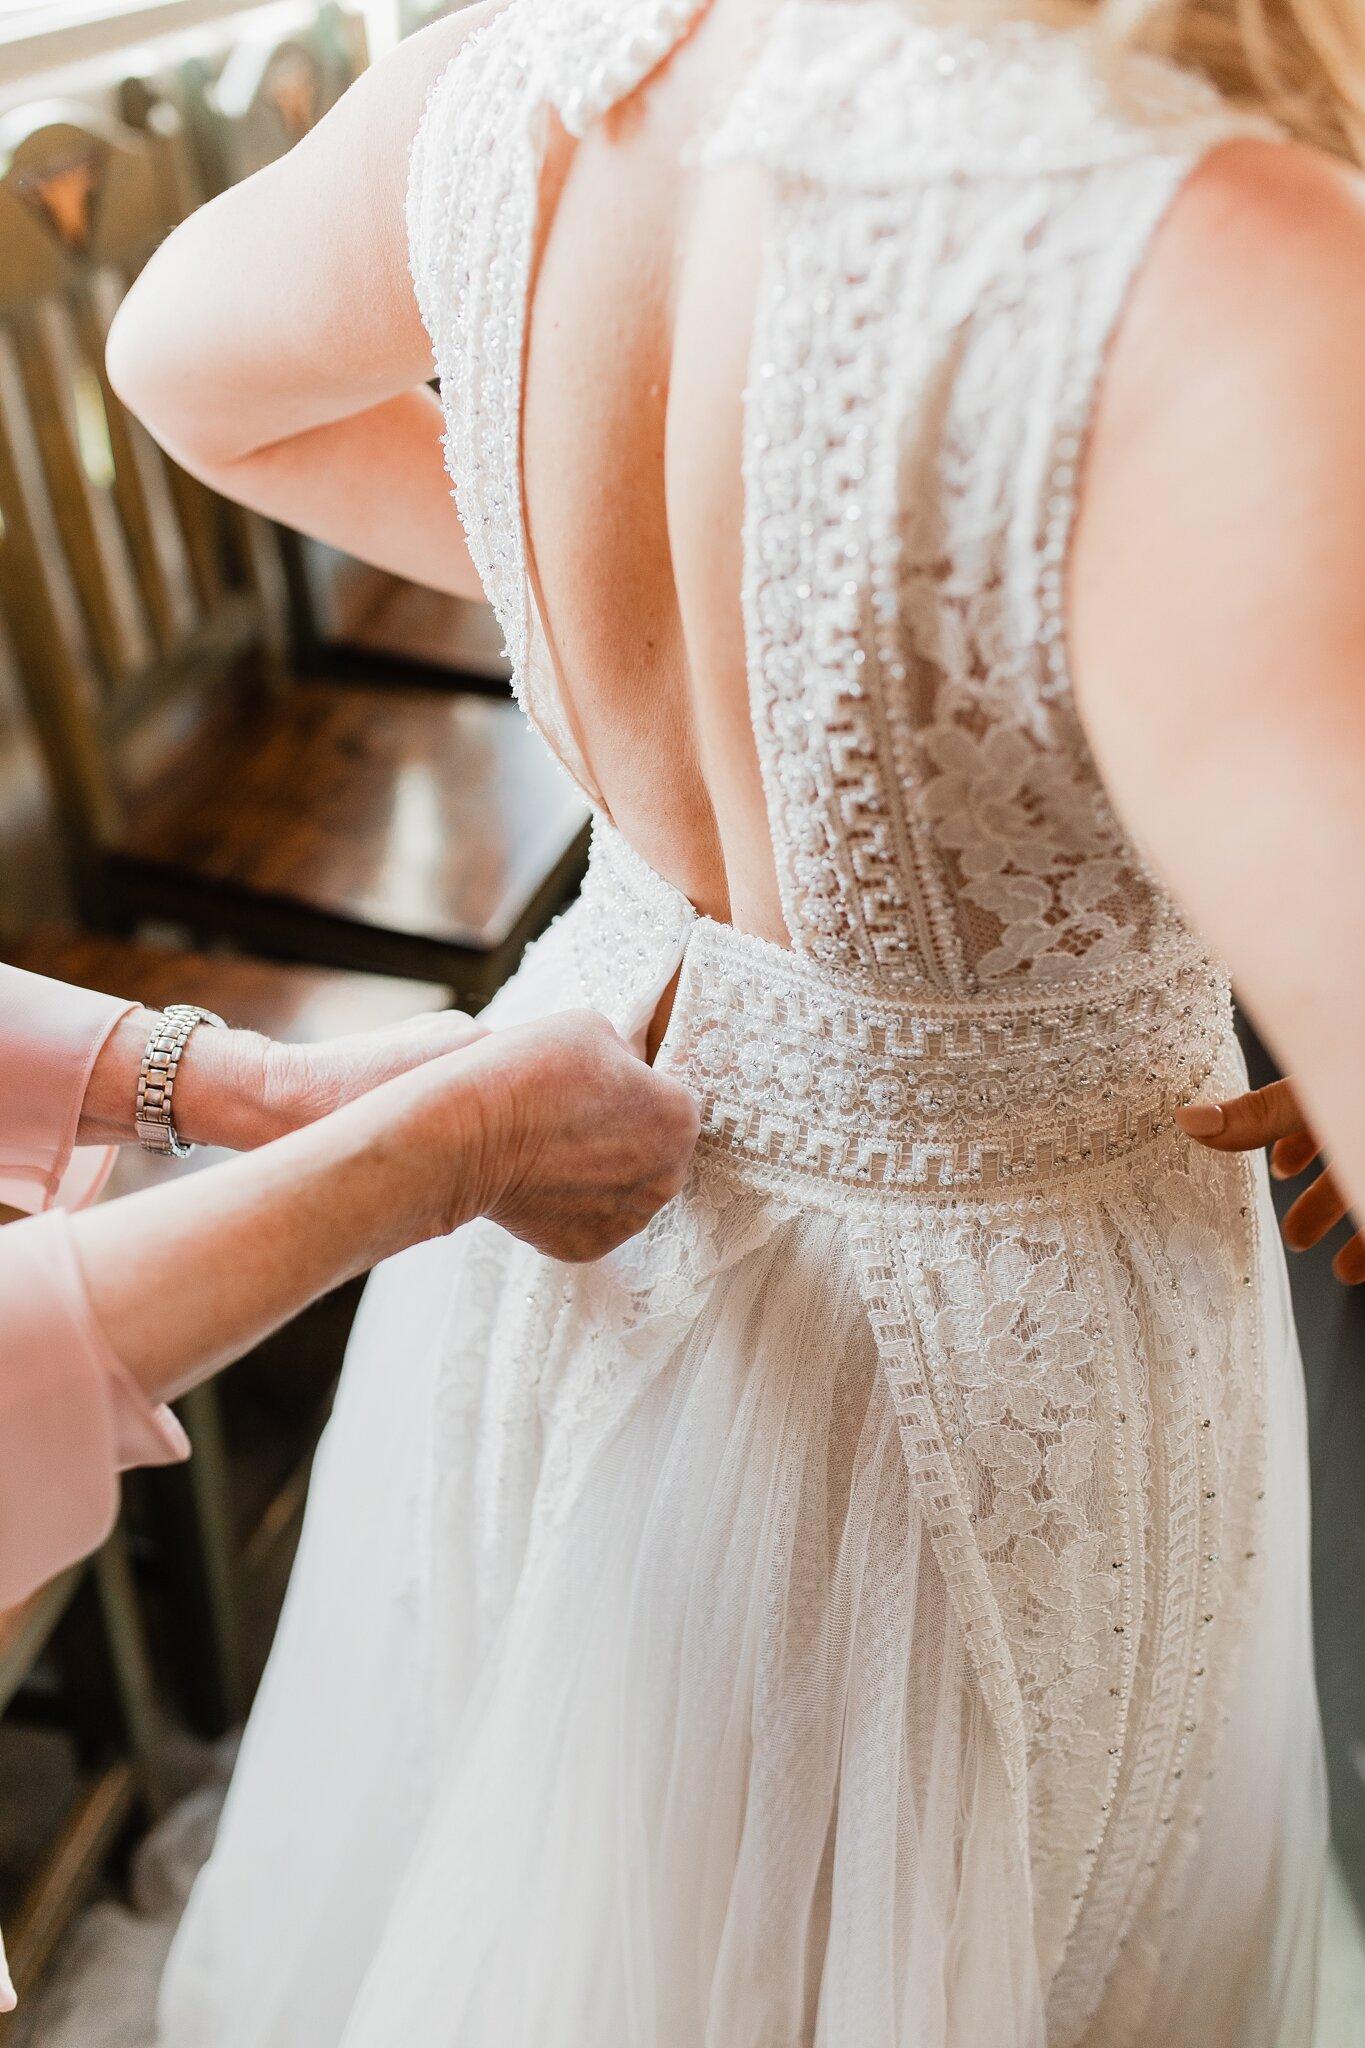 Alicia+lucia+photography+-+albuquerque+wedding+photographer+-+santa+fe+wedding+photography+-+new+mexico+wedding+photographer+-+new+mexico+wedding+-+wedding+-+santa+fe+wedding+-+ghost+ranch+-+ghost+ranch+wedding+-+fall+wedding_0010.jpg